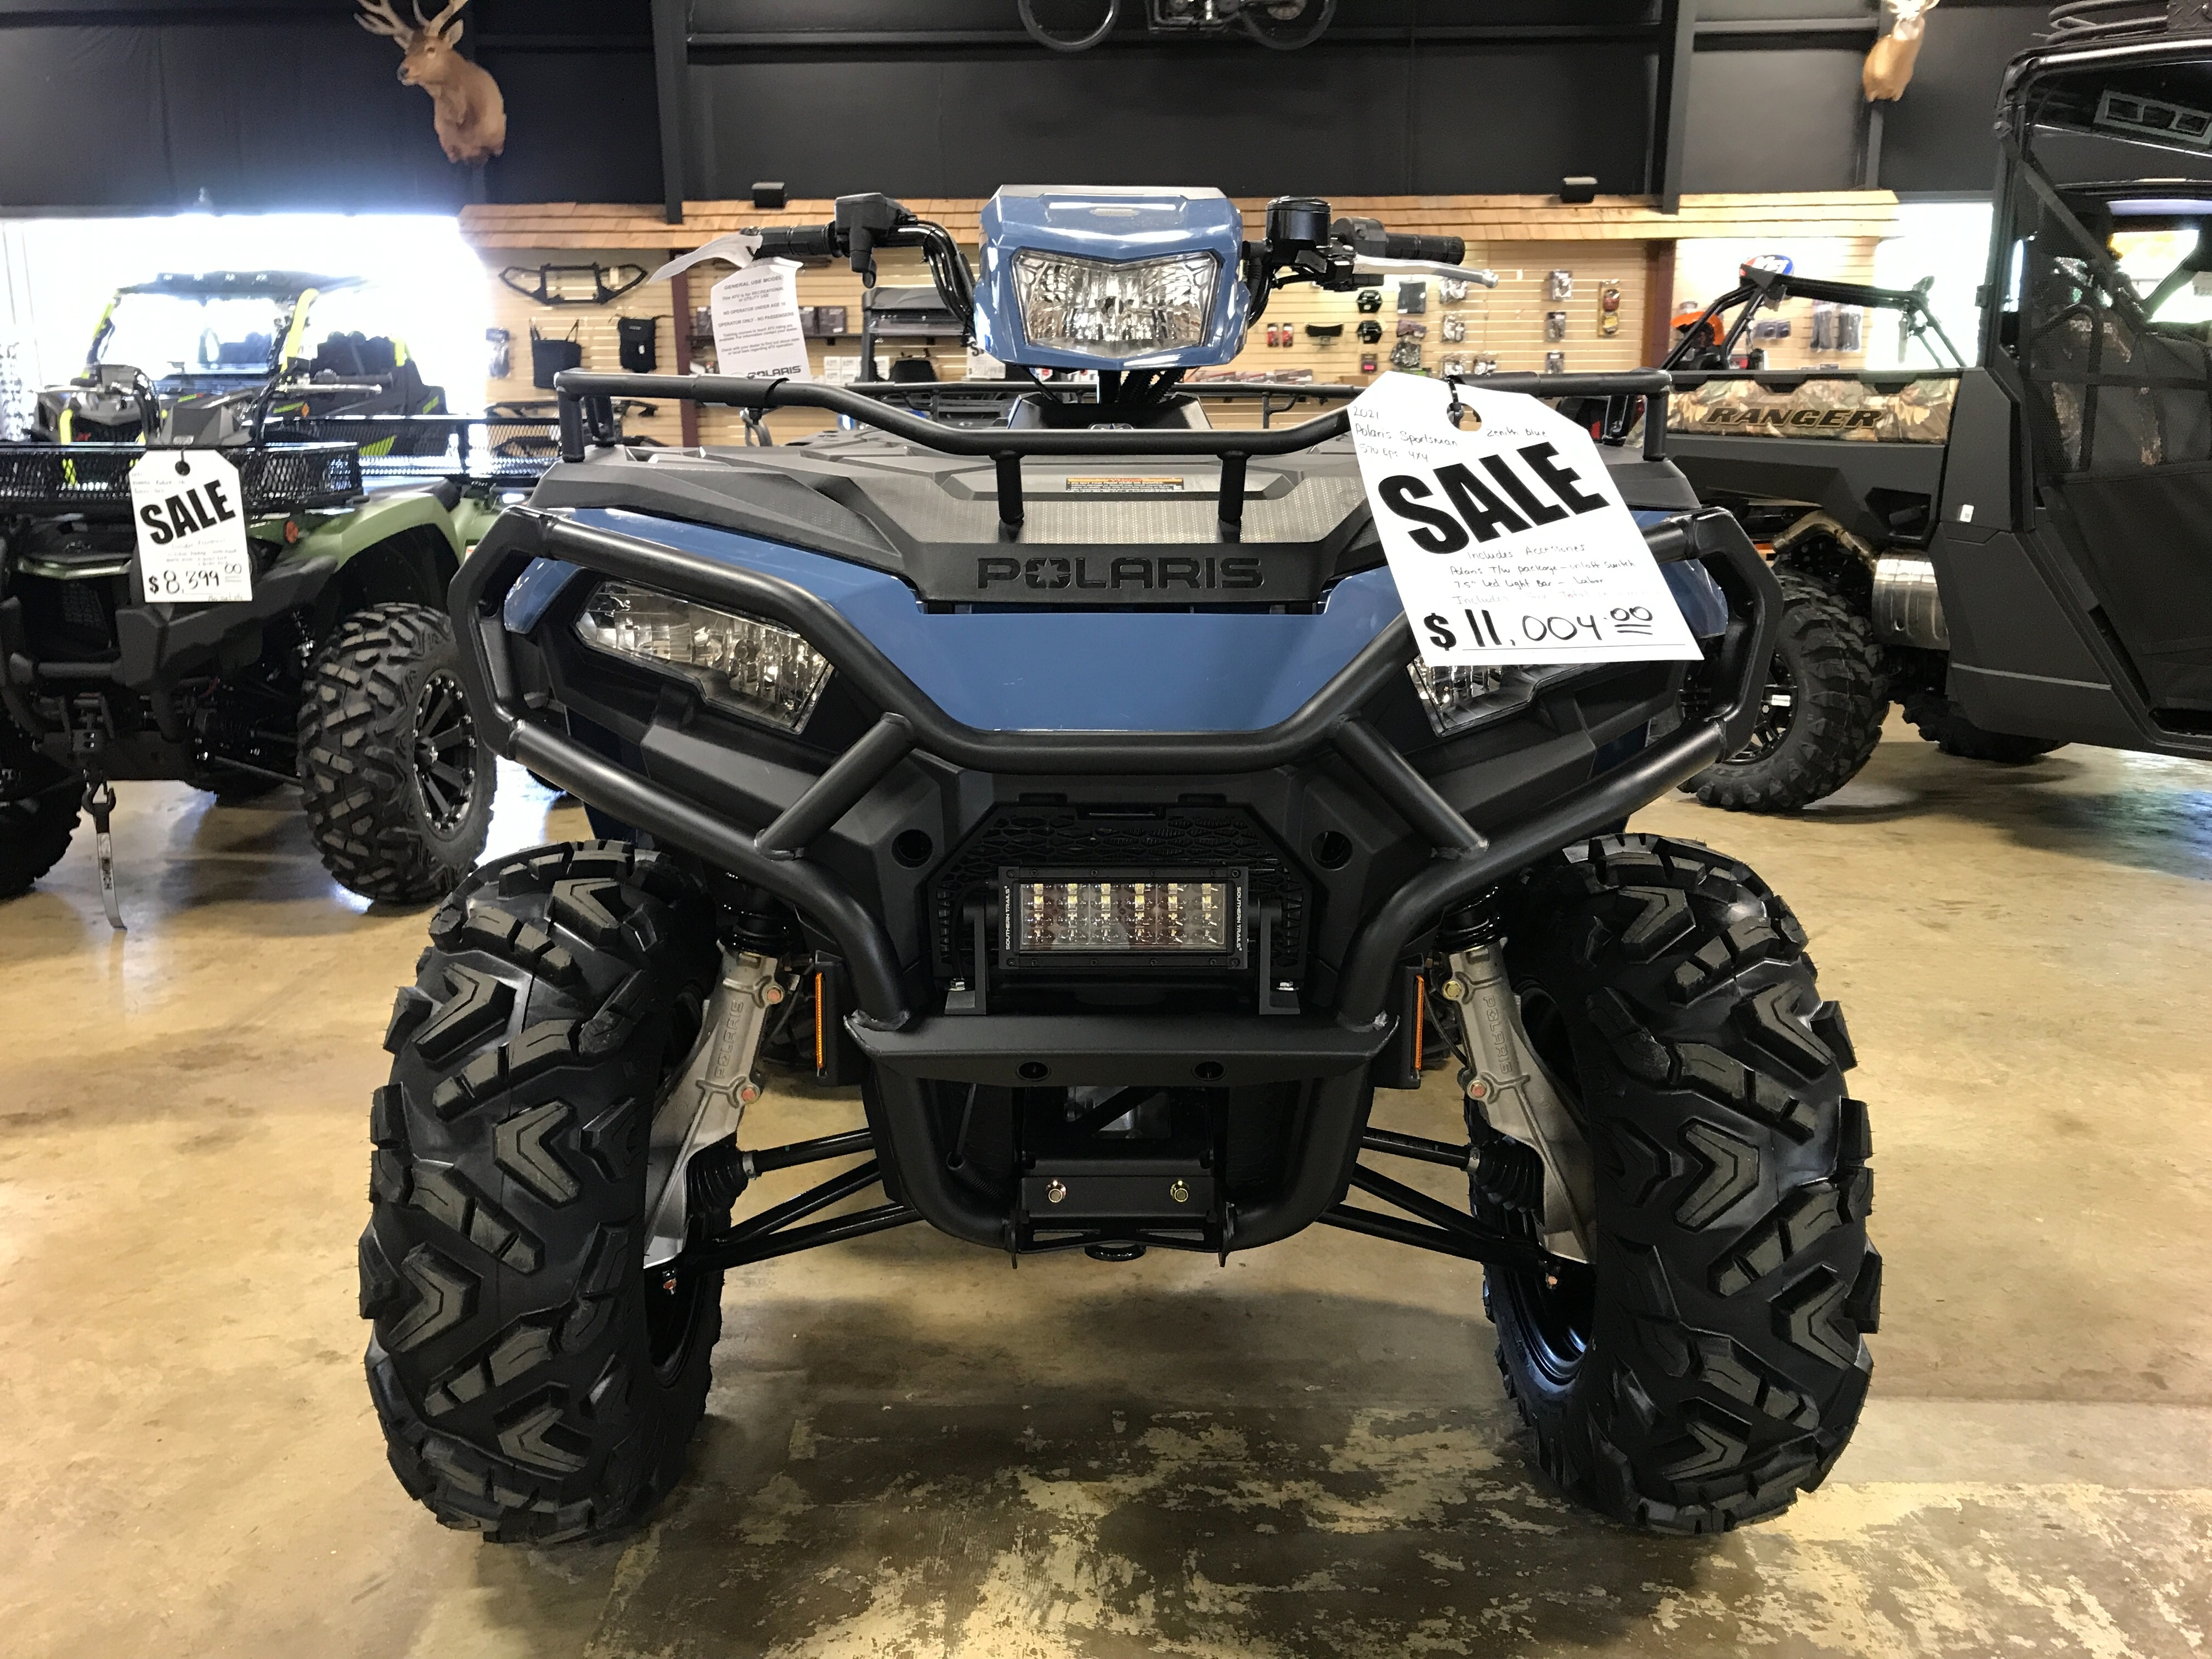 2021 POLARIS 570 EPS EPS at ATV Zone, LLC